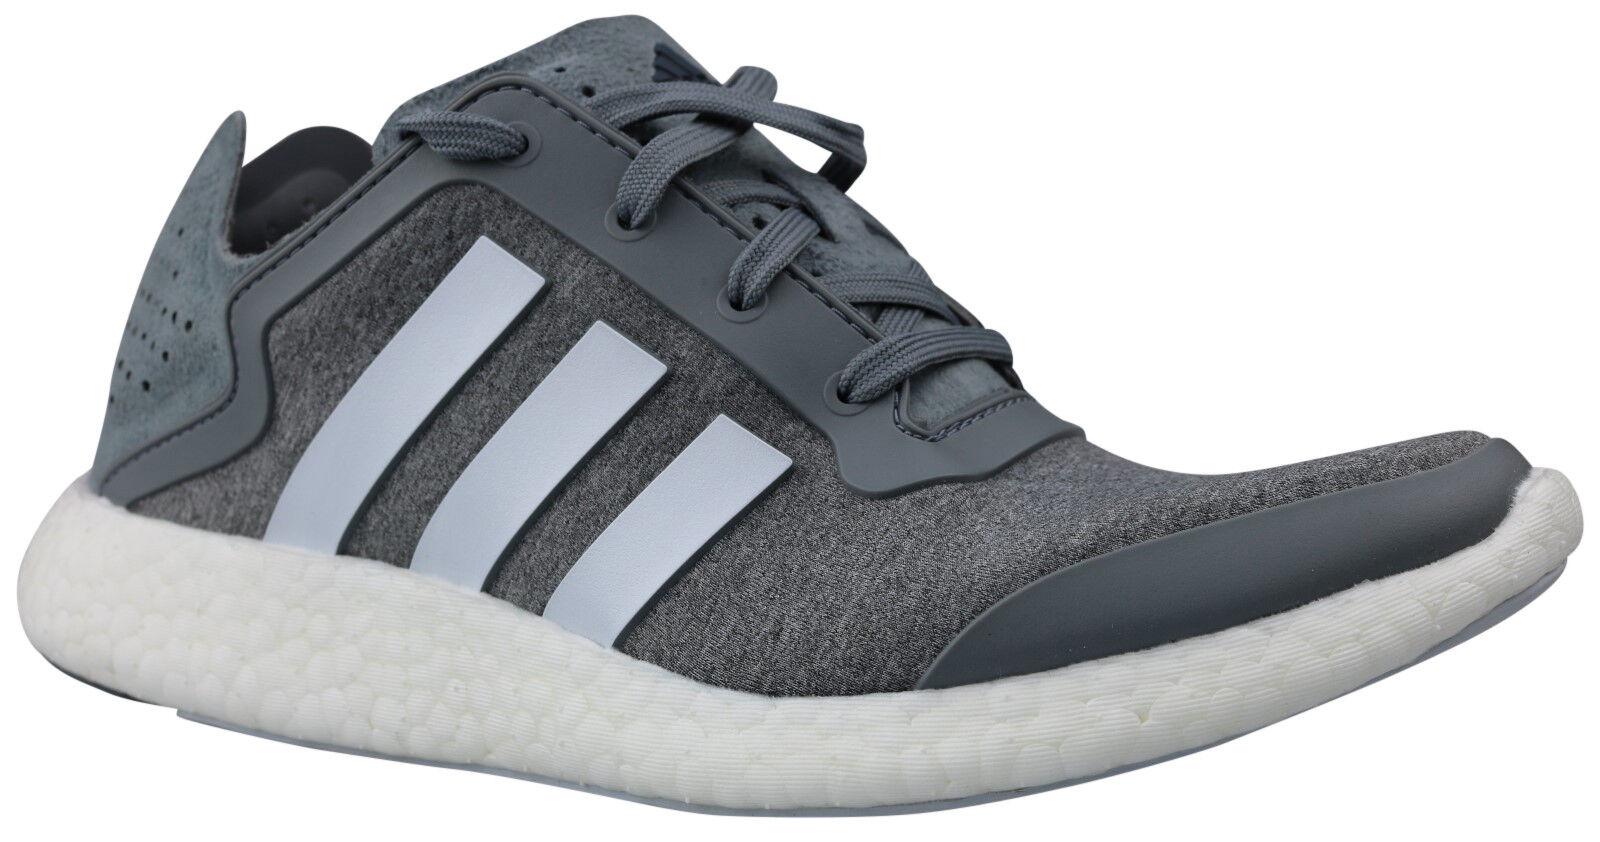 ADIDAS PURE BOOST pureboost scarpe da ginnastica Donna Scarpe m22137 GRIGIO TG. 40 40,5 NUOVO OVP